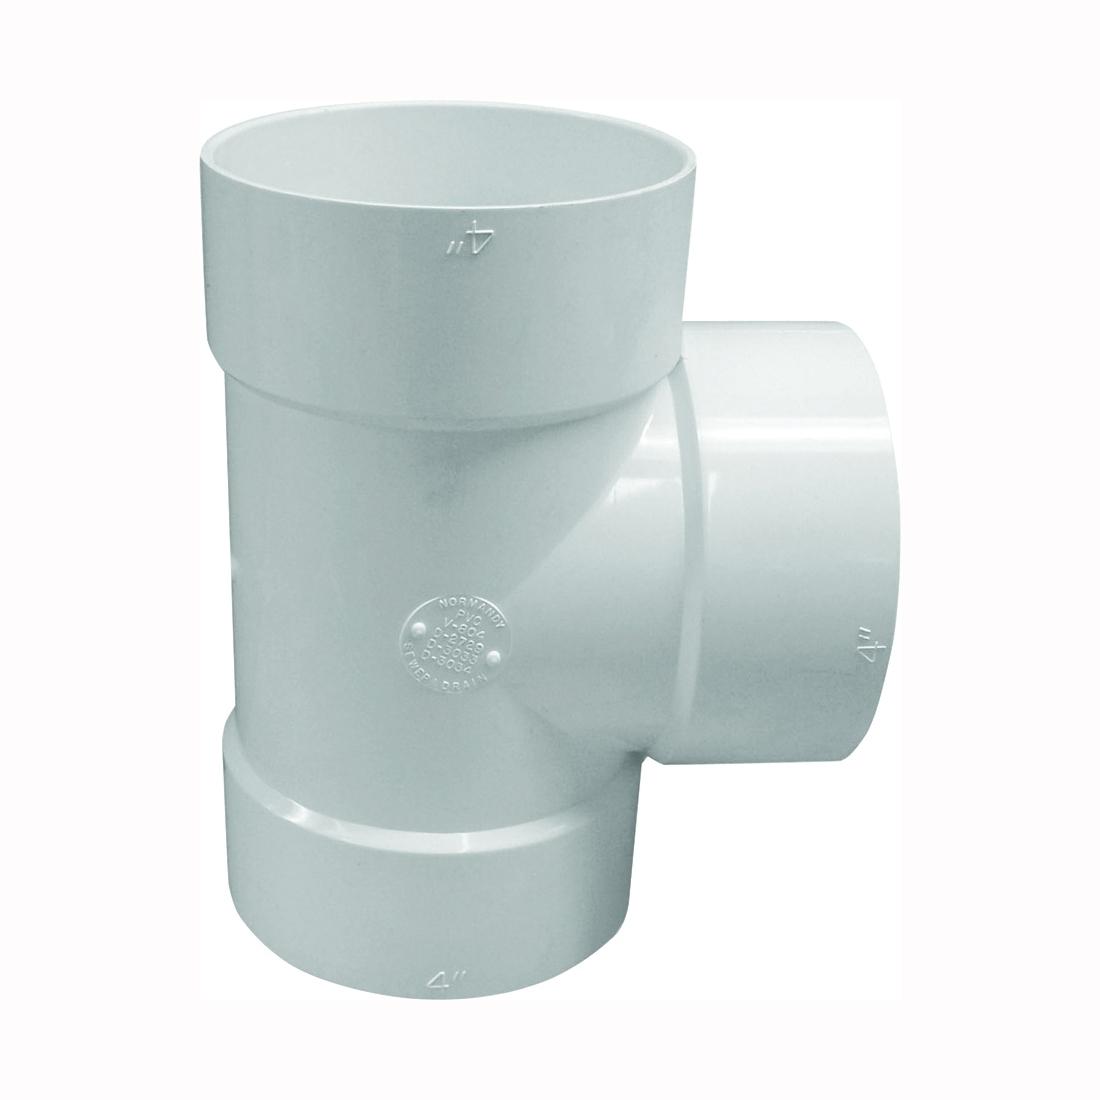 Picture of GENOVA 400 41440 Bullnose Tee, 4 in, Hub, PVC, White